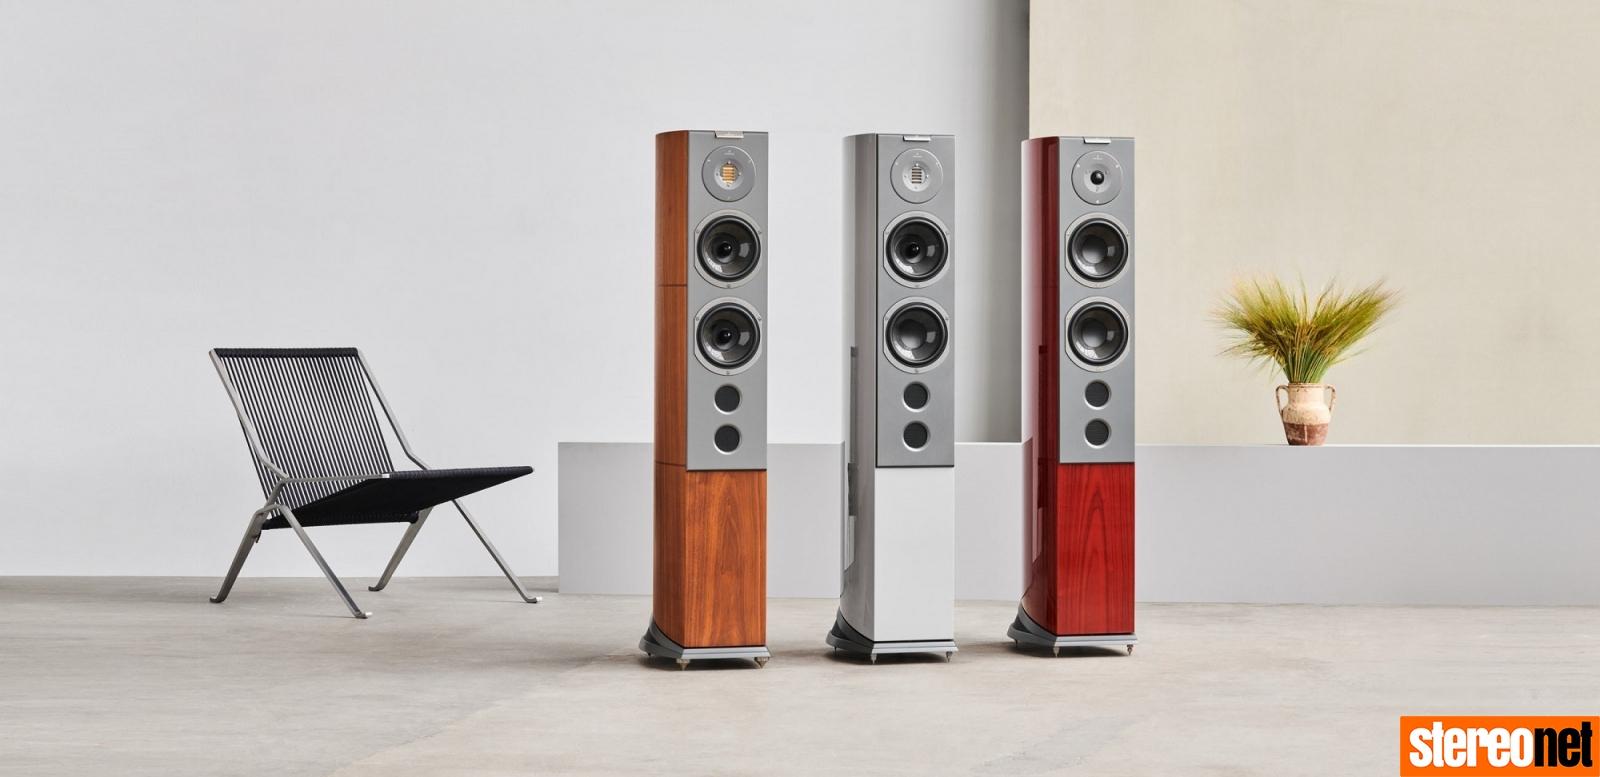 Audiovector R 6 loudspeakers